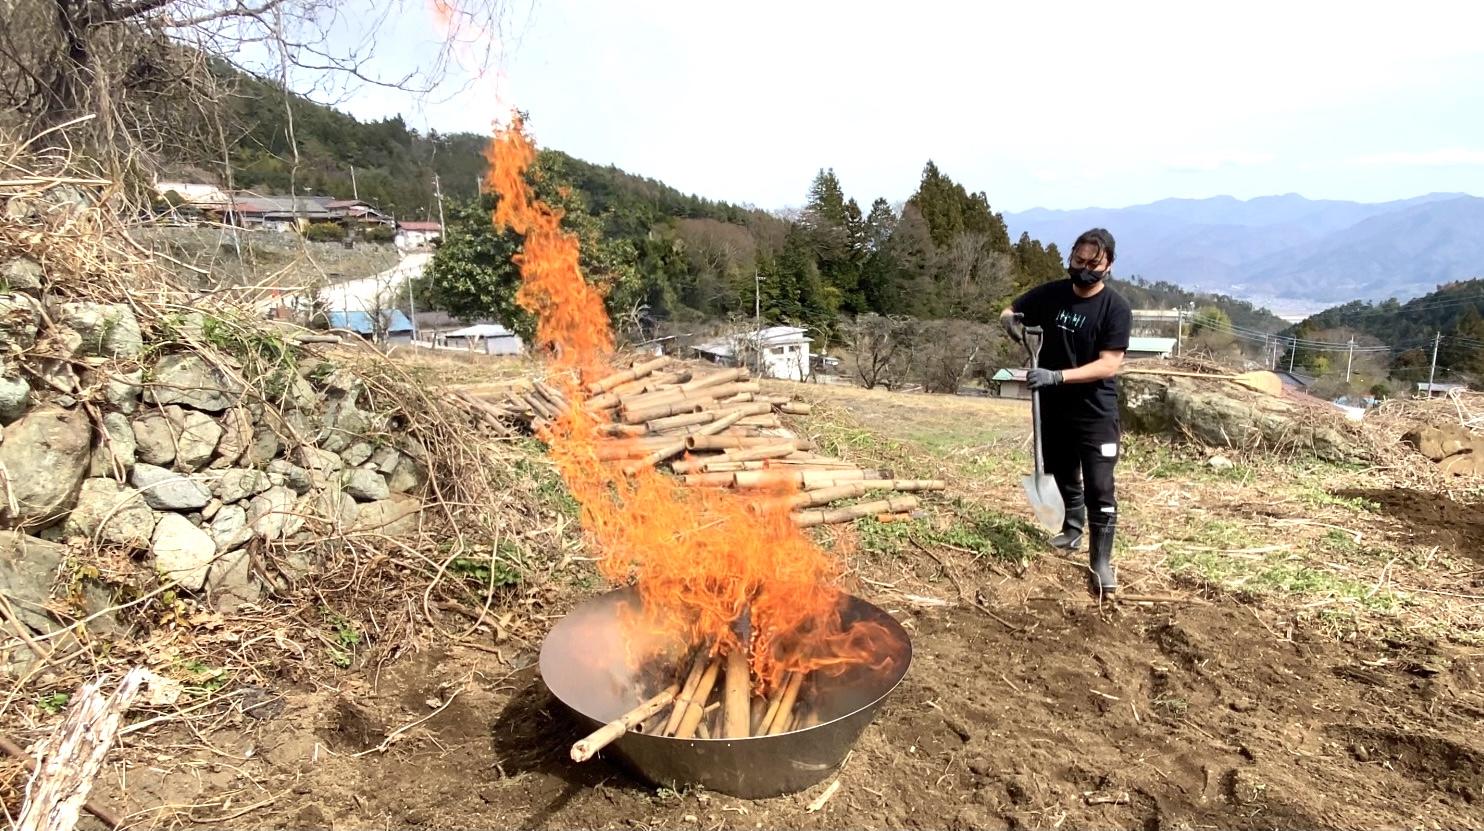 畑のある集落の竹林にて倒れていたり放置されている竹を集め、畑に撒くための竹炭を作っているところ